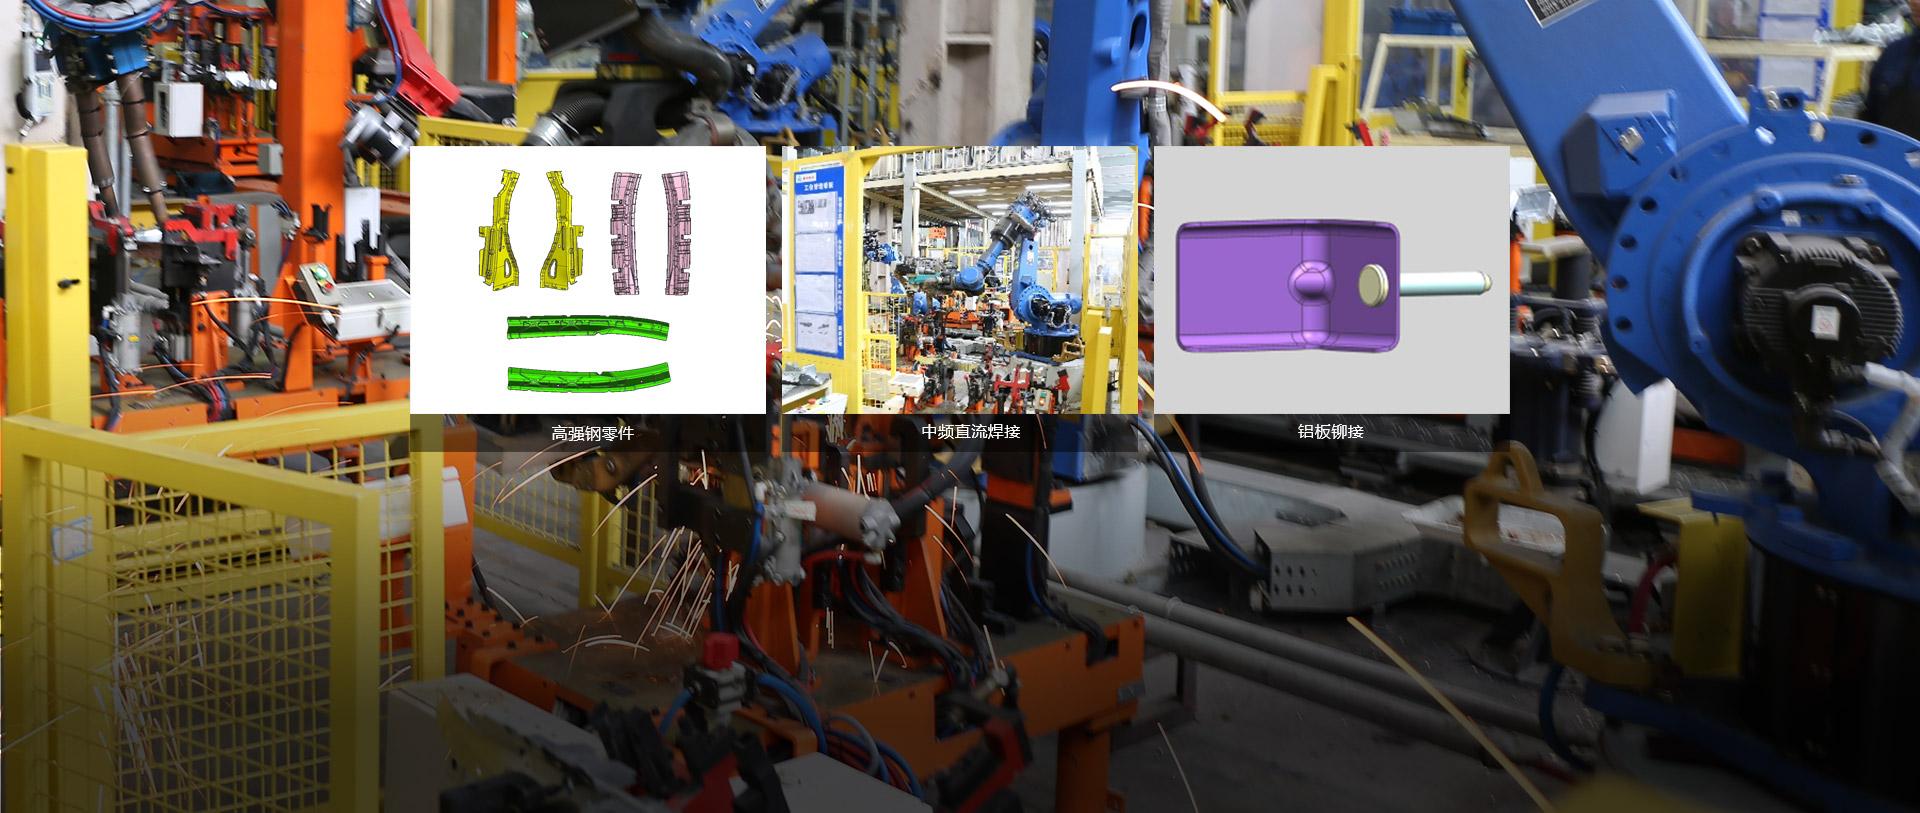 具备新材料新工艺研究应用能力